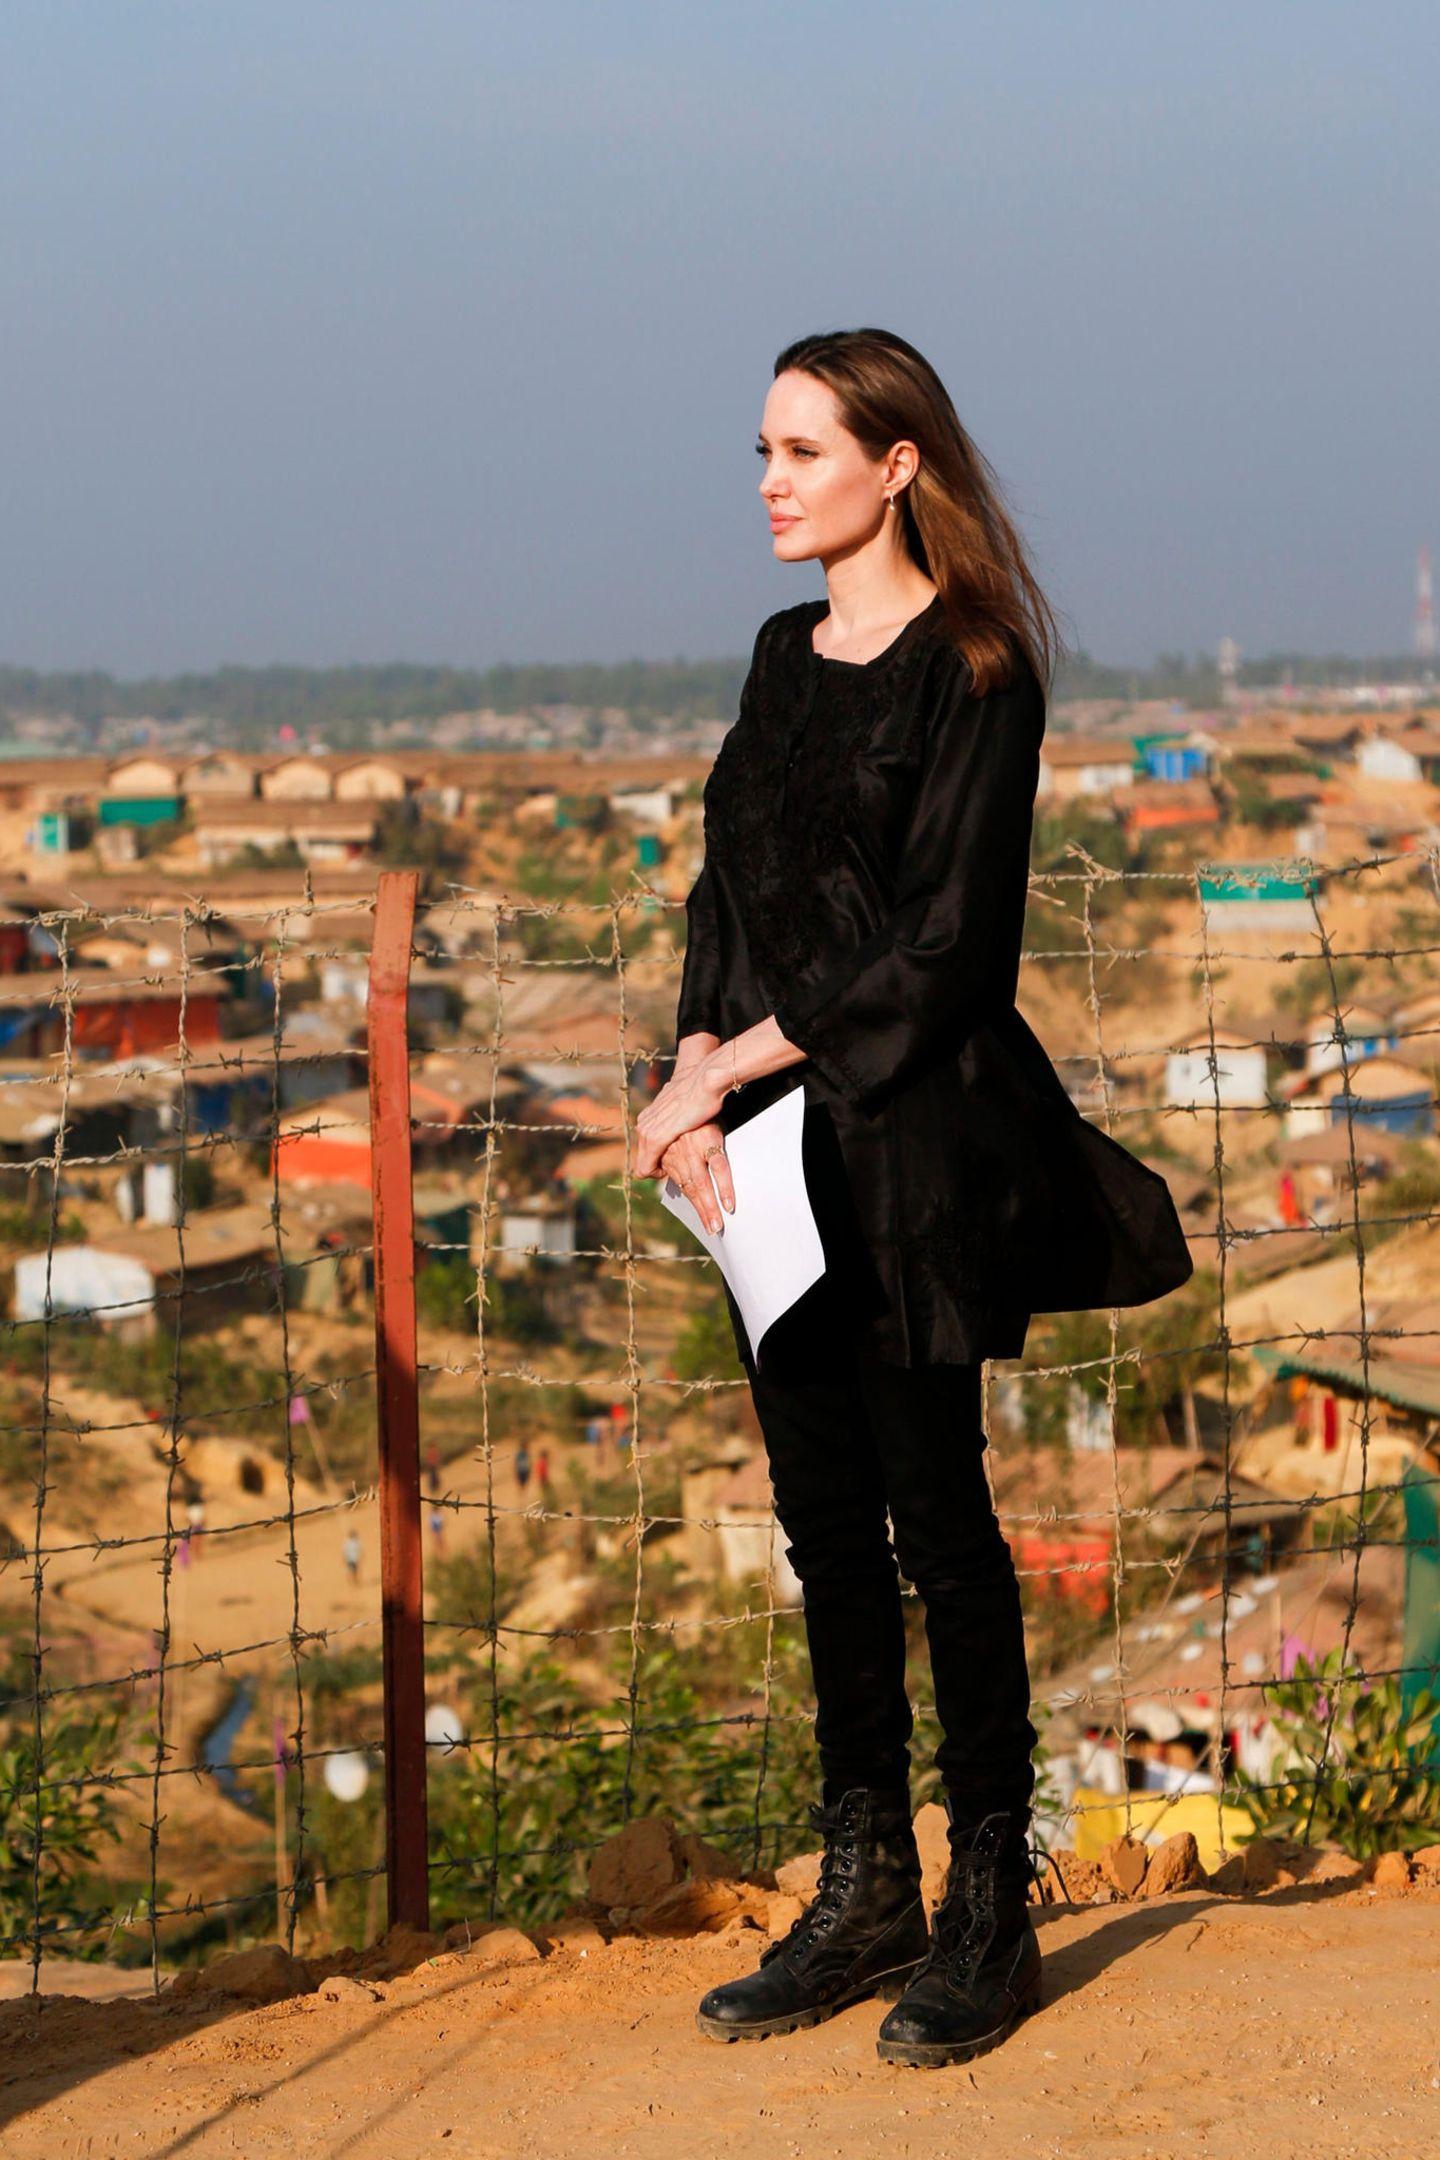 Es ist ein öffentlicher Auftritt, der Angelina Jolie besonders am Herzen liegt: In Bangladesch besucht die UN-Sonderbotschafterin ein Rohingya-Flüchtlingslager, wo sie eine Rede hält. Zur Pressekonferenz erscheint die 43-Jährige ganz in Schwarz: Zu einer seidenen Tunika mit bestickten Ornamenten trägt sie eine schmale Jeans, deren Endenin derben Boots verschwinden.